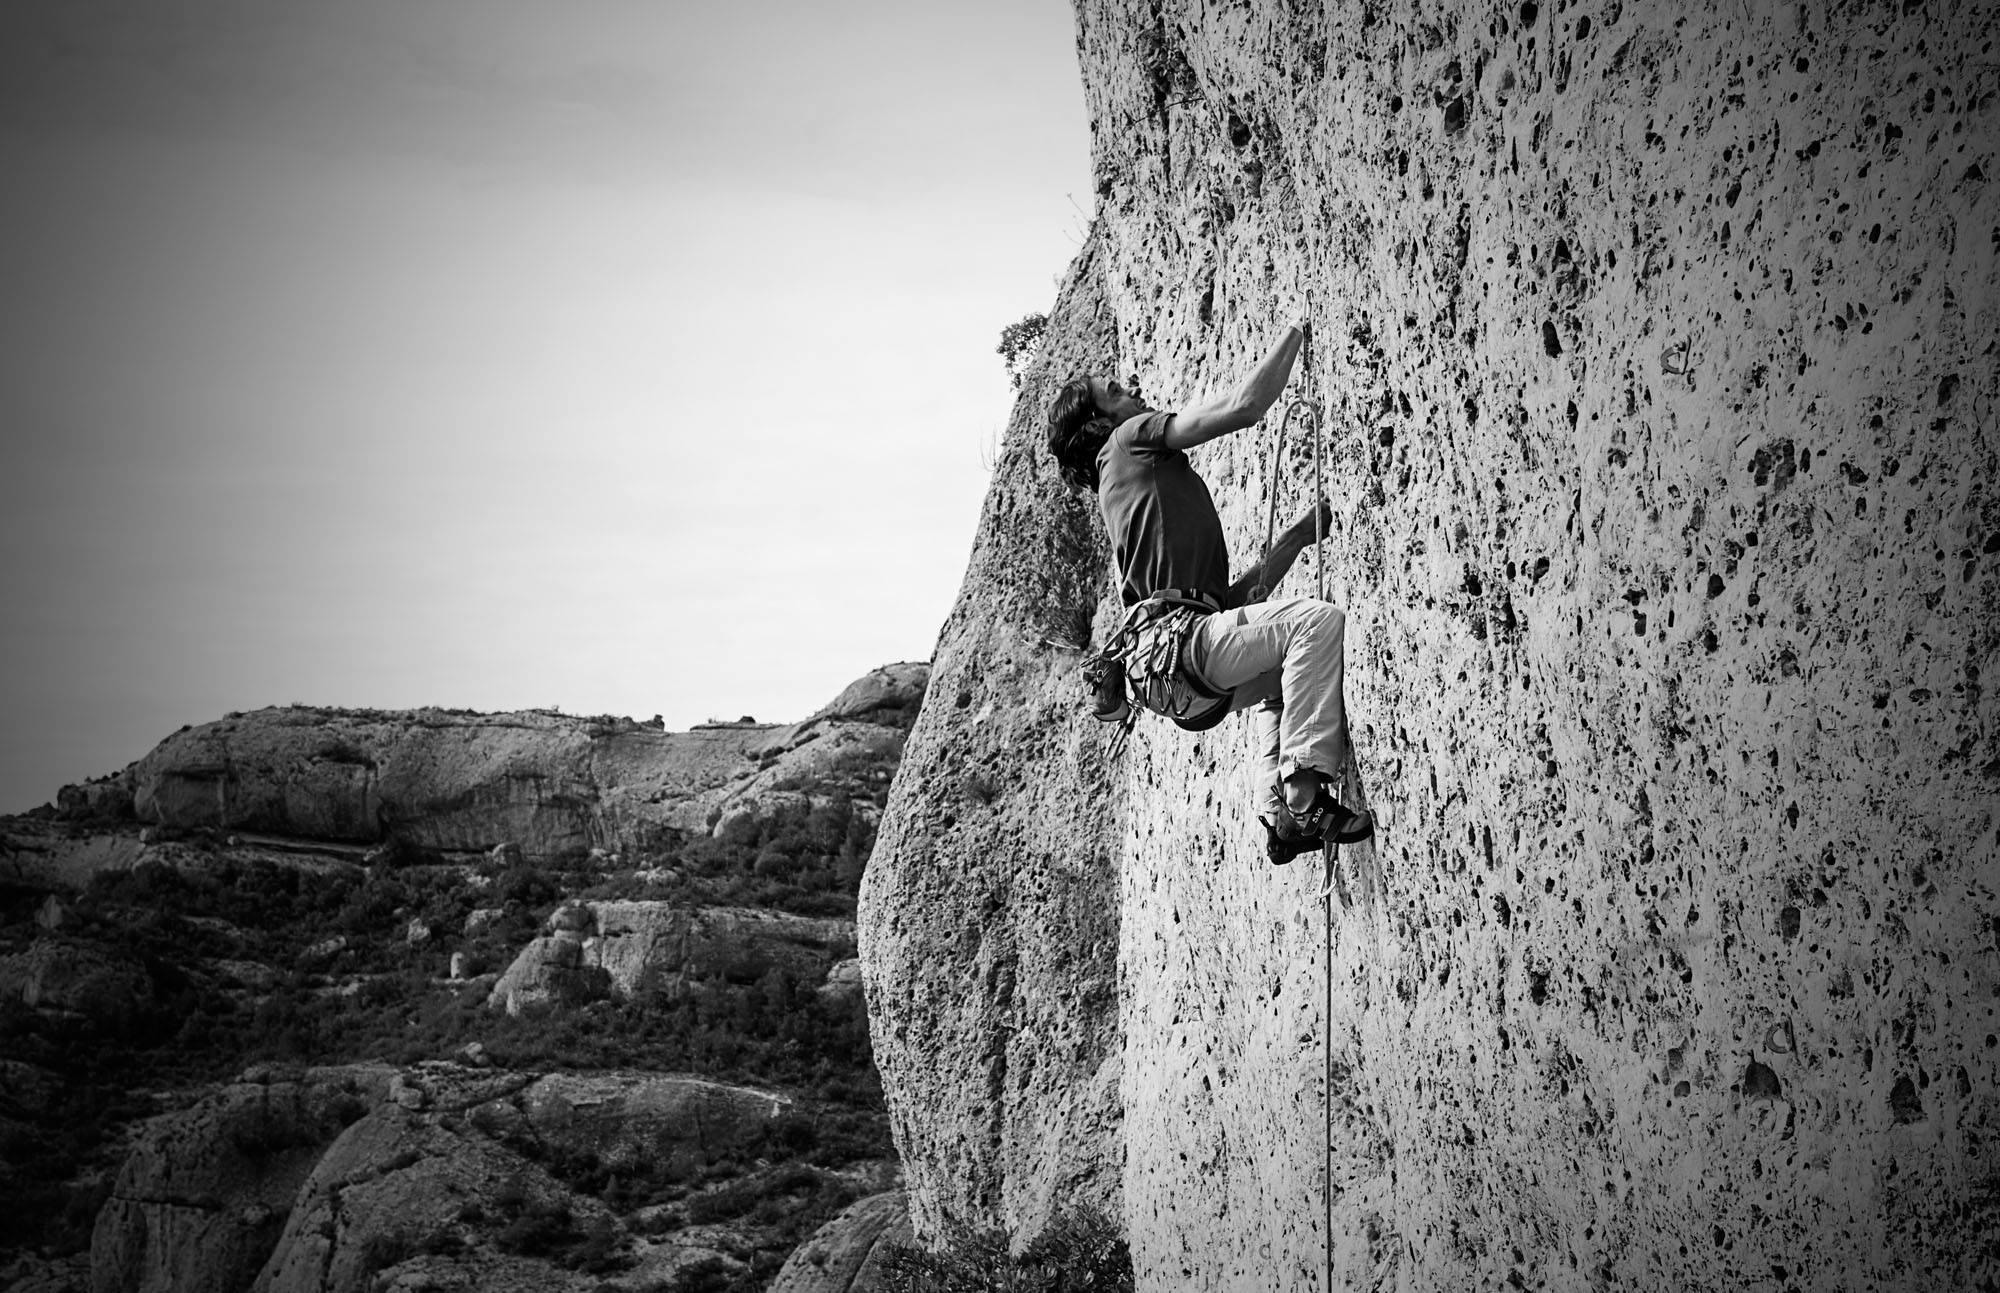 Jofre Saladié escalando en La Braseria Margalef